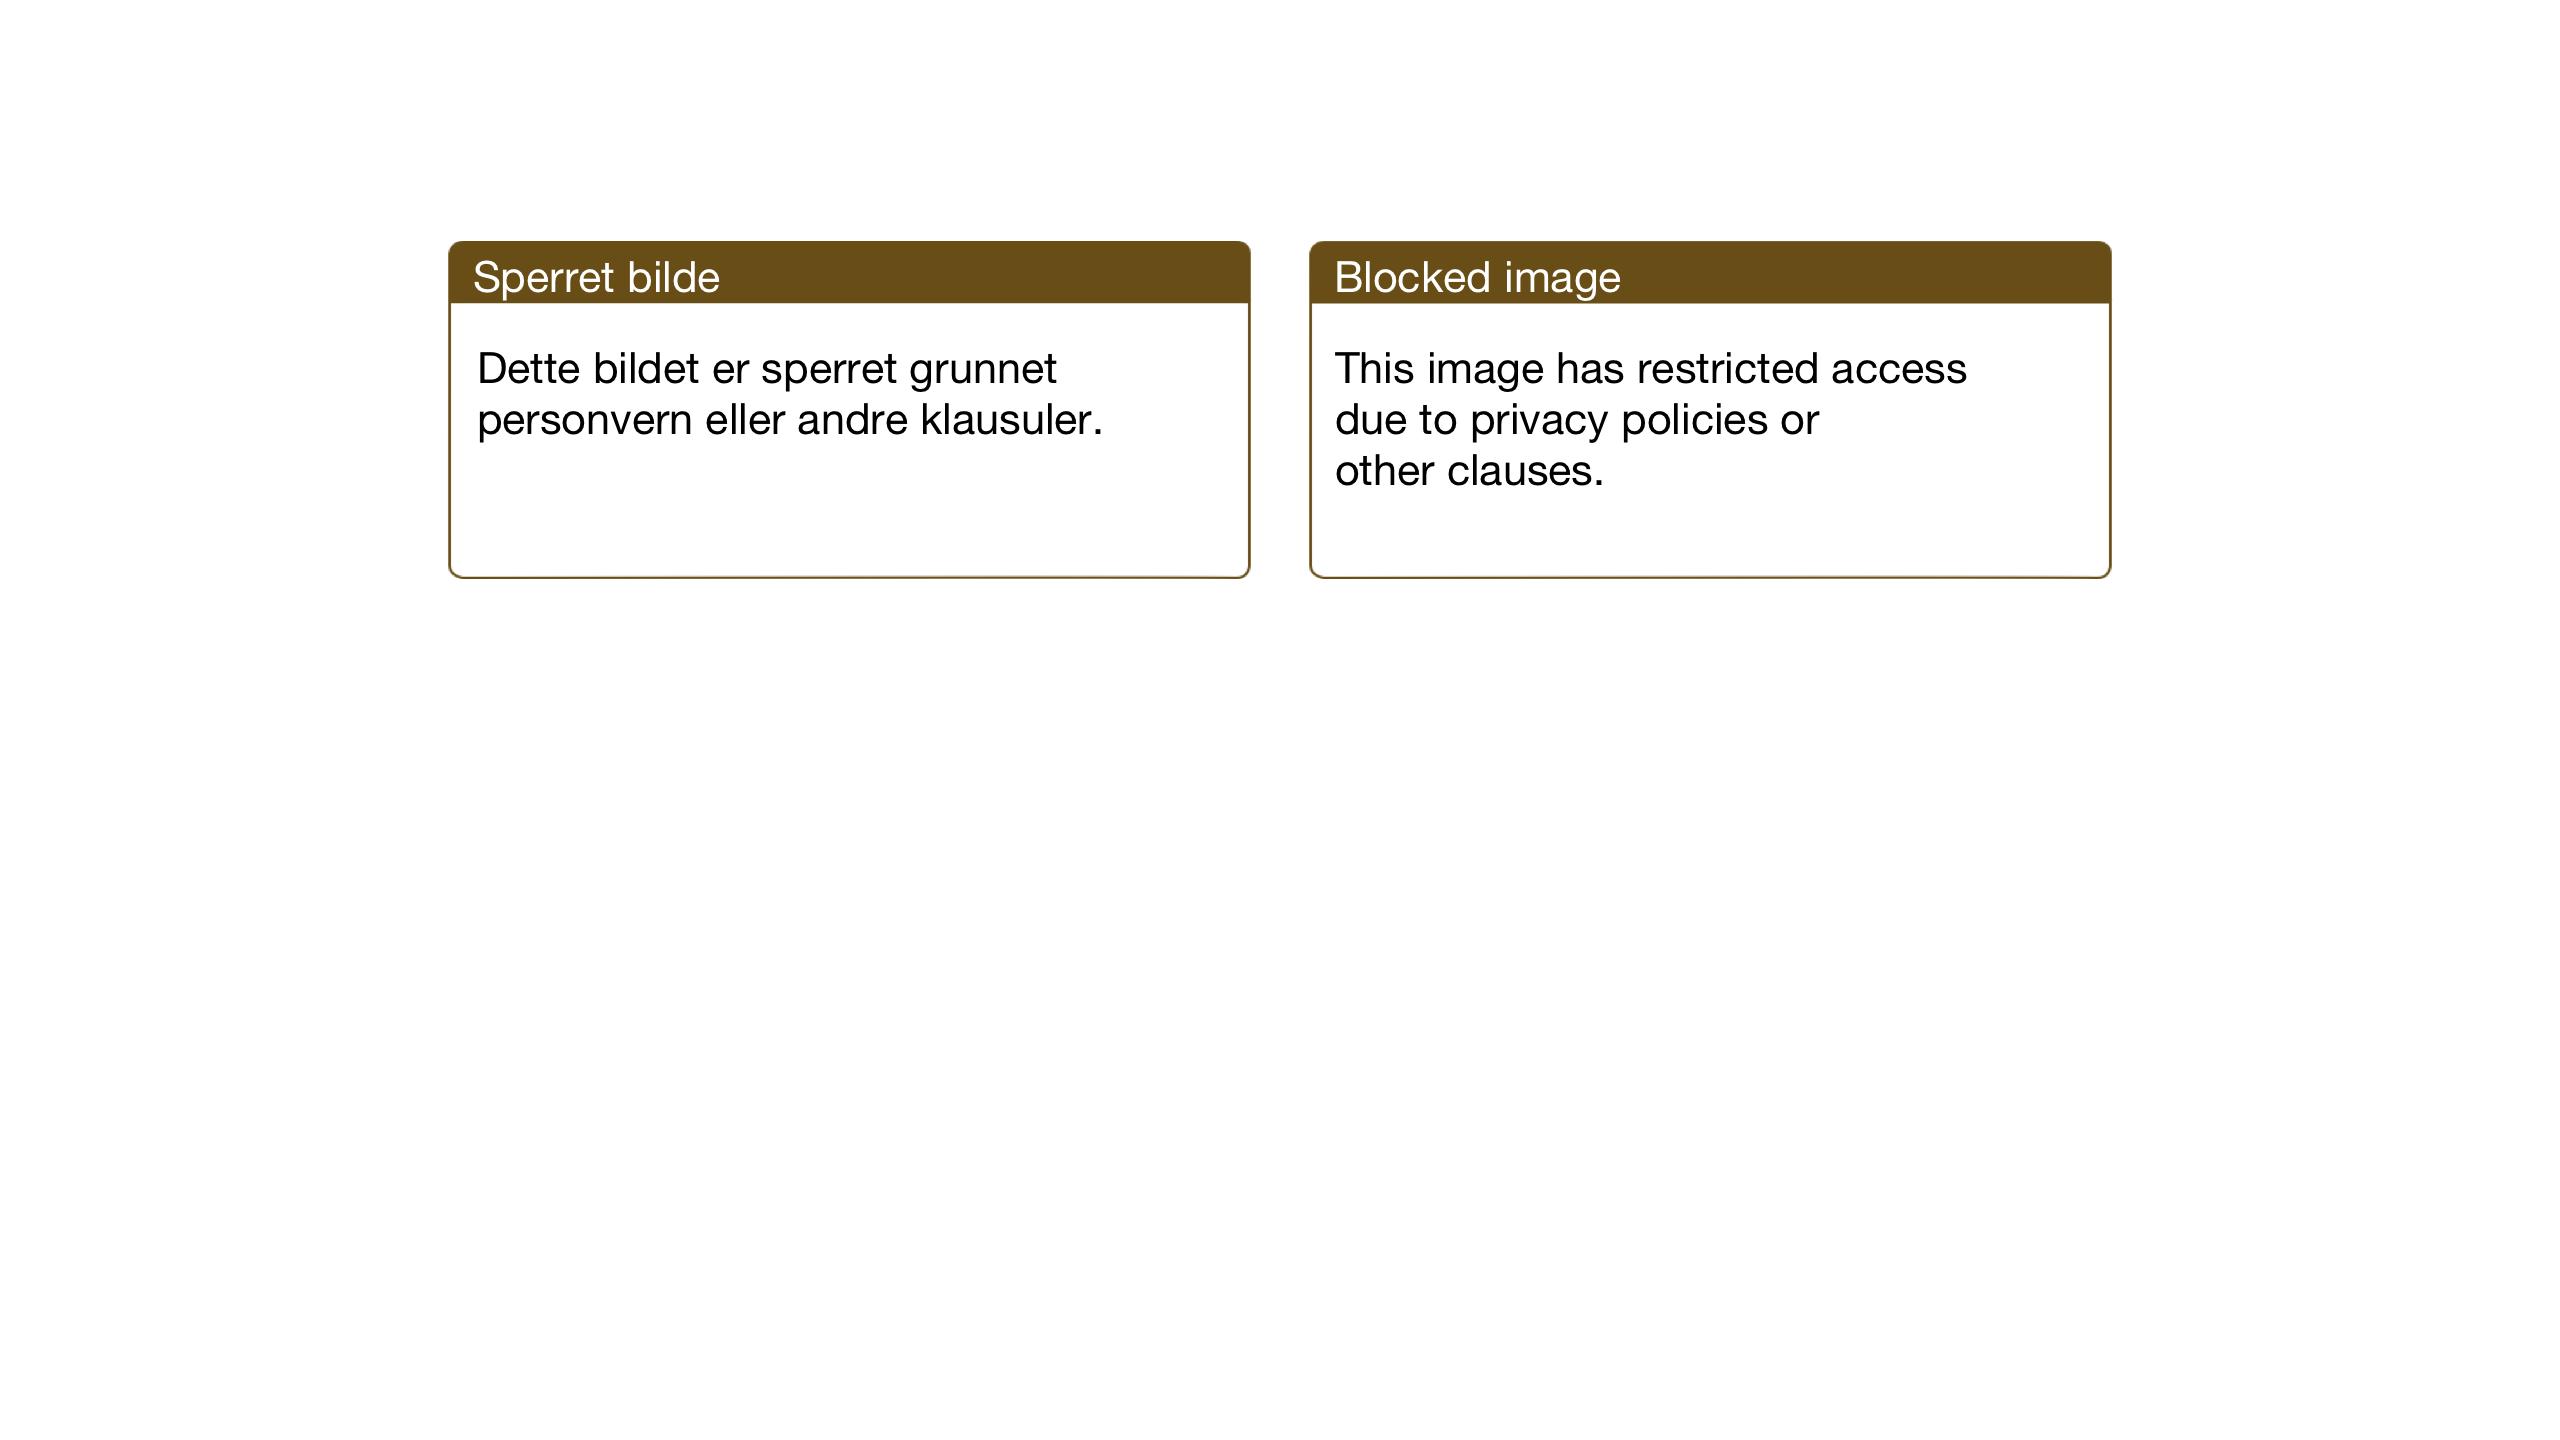 SAT, Ministerialprotokoller, klokkerbøker og fødselsregistre - Sør-Trøndelag, 674/L0878: Klokkerbok nr. 674C05, 1941-1950, s. 91